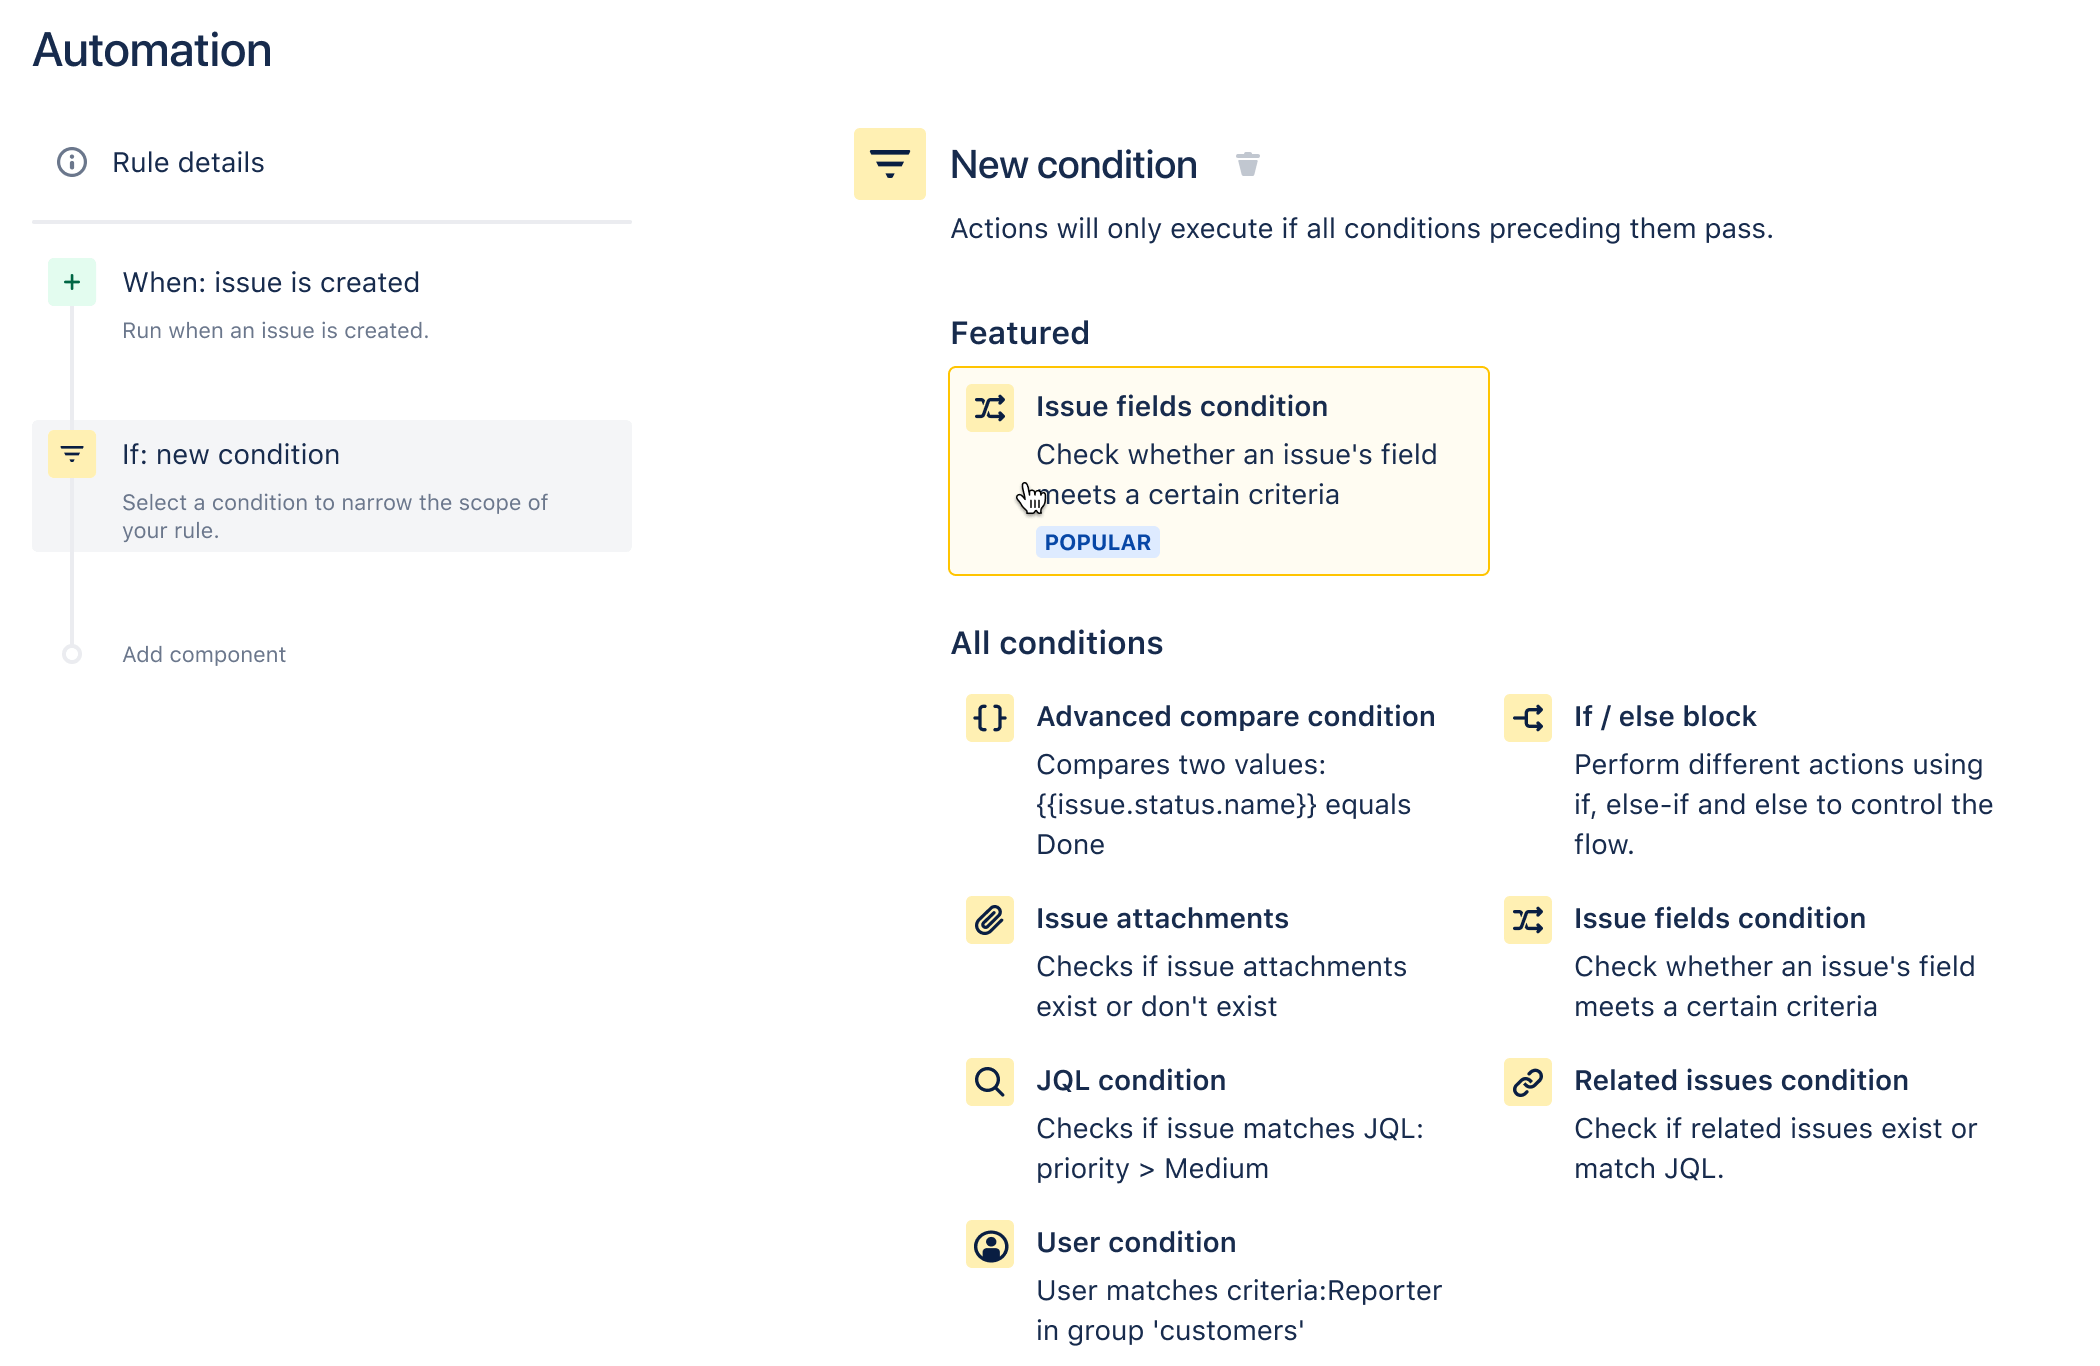 A lista de condições disponíveis ao criar uma regra.